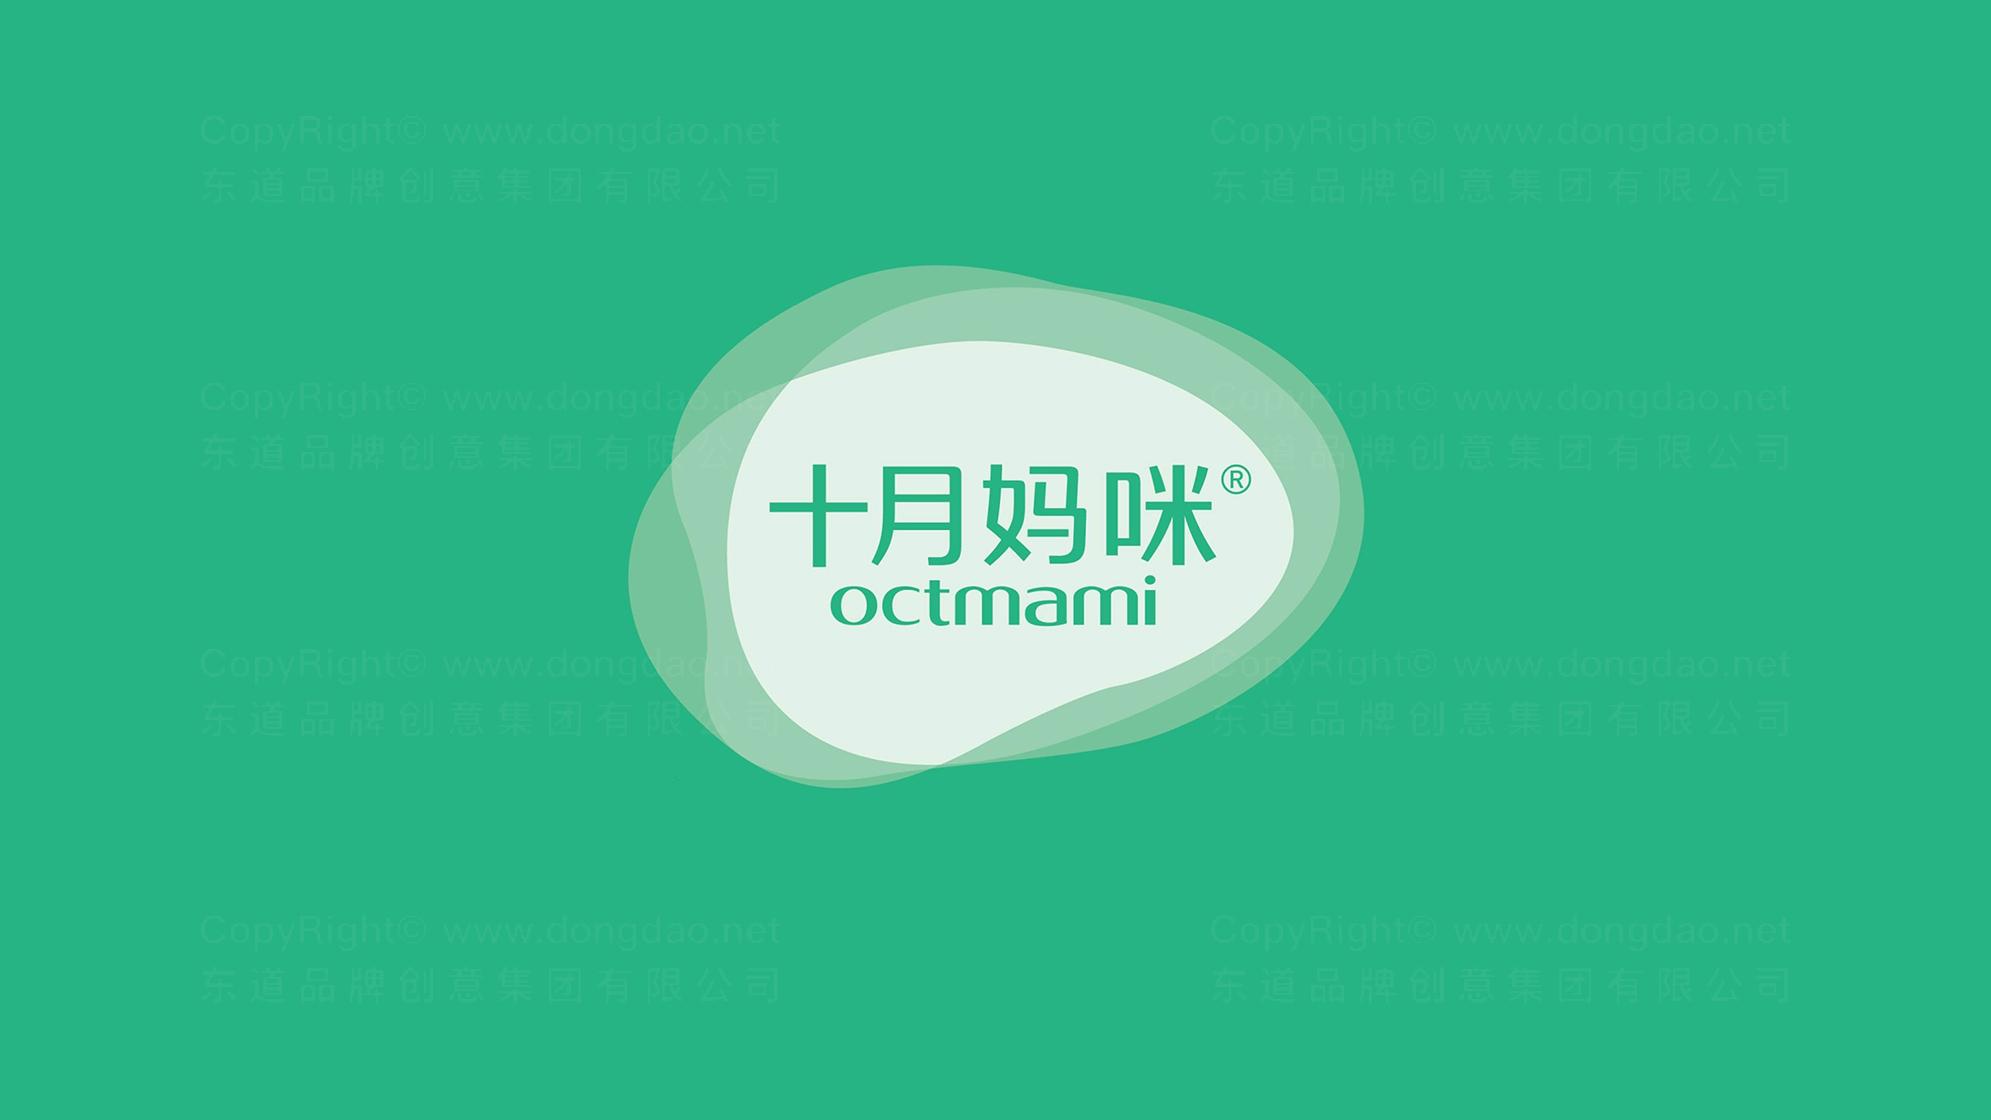 品牌设计案例十月妈咪LOGO&VI设计